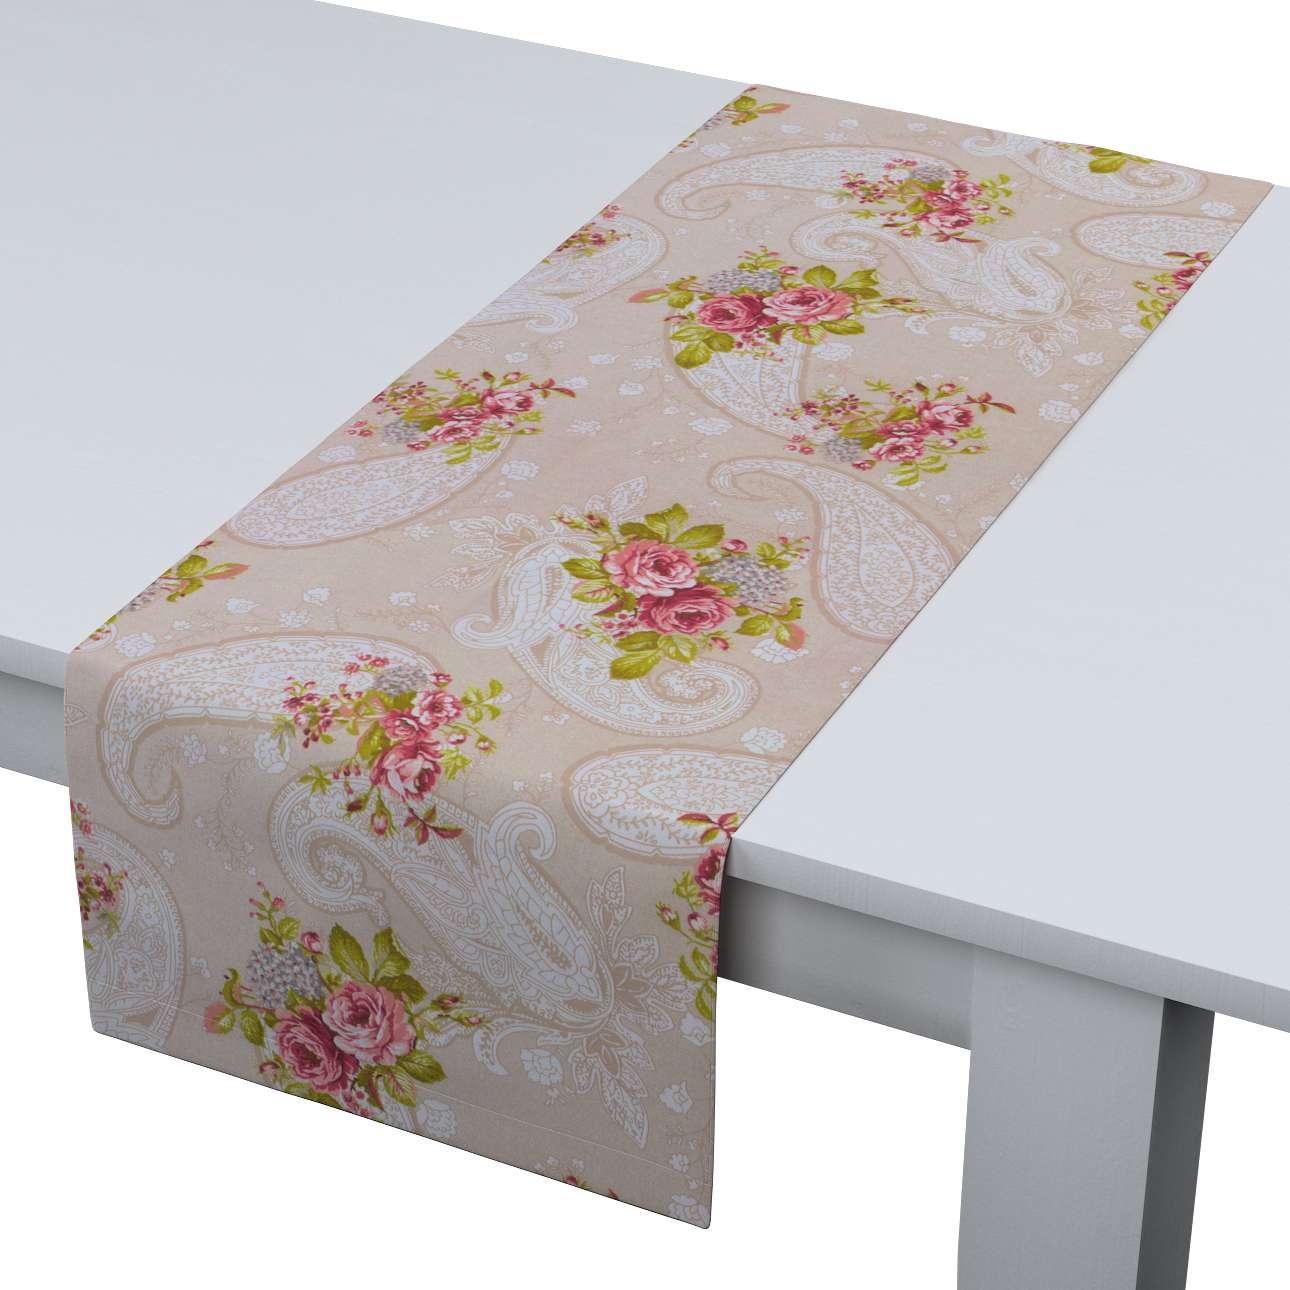 Rechthoekige tafelloper van de collectie Flowers, Stof: 311-15